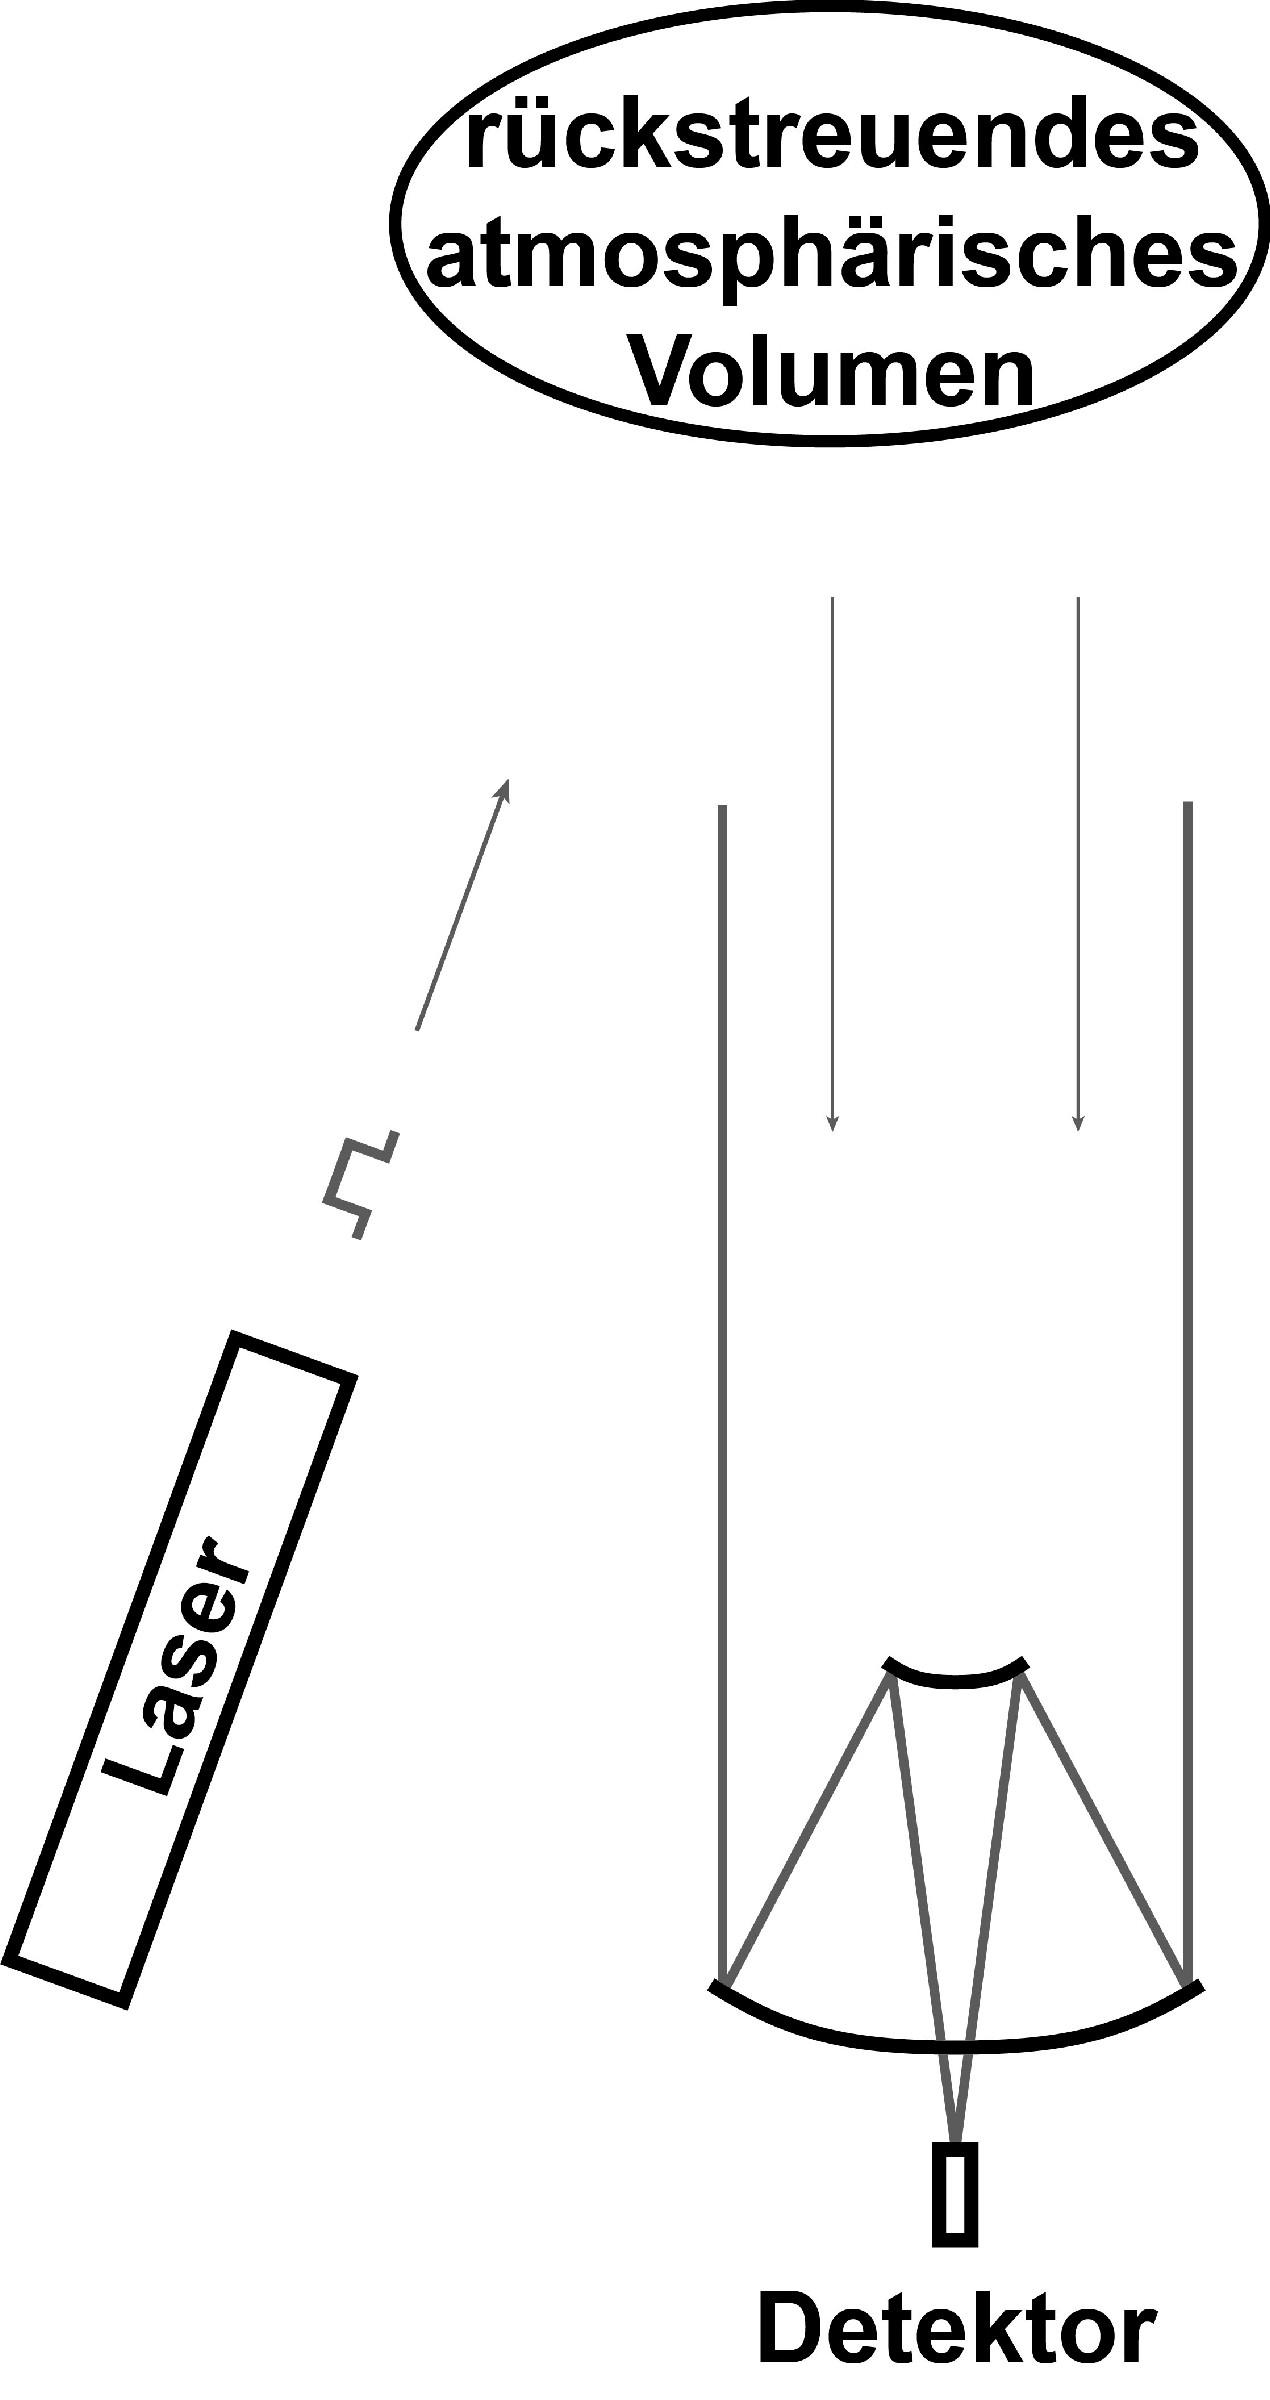 Bild 1. Schematische Darstellung eines einfachen Rückstreulidars. Quelle: Autoren